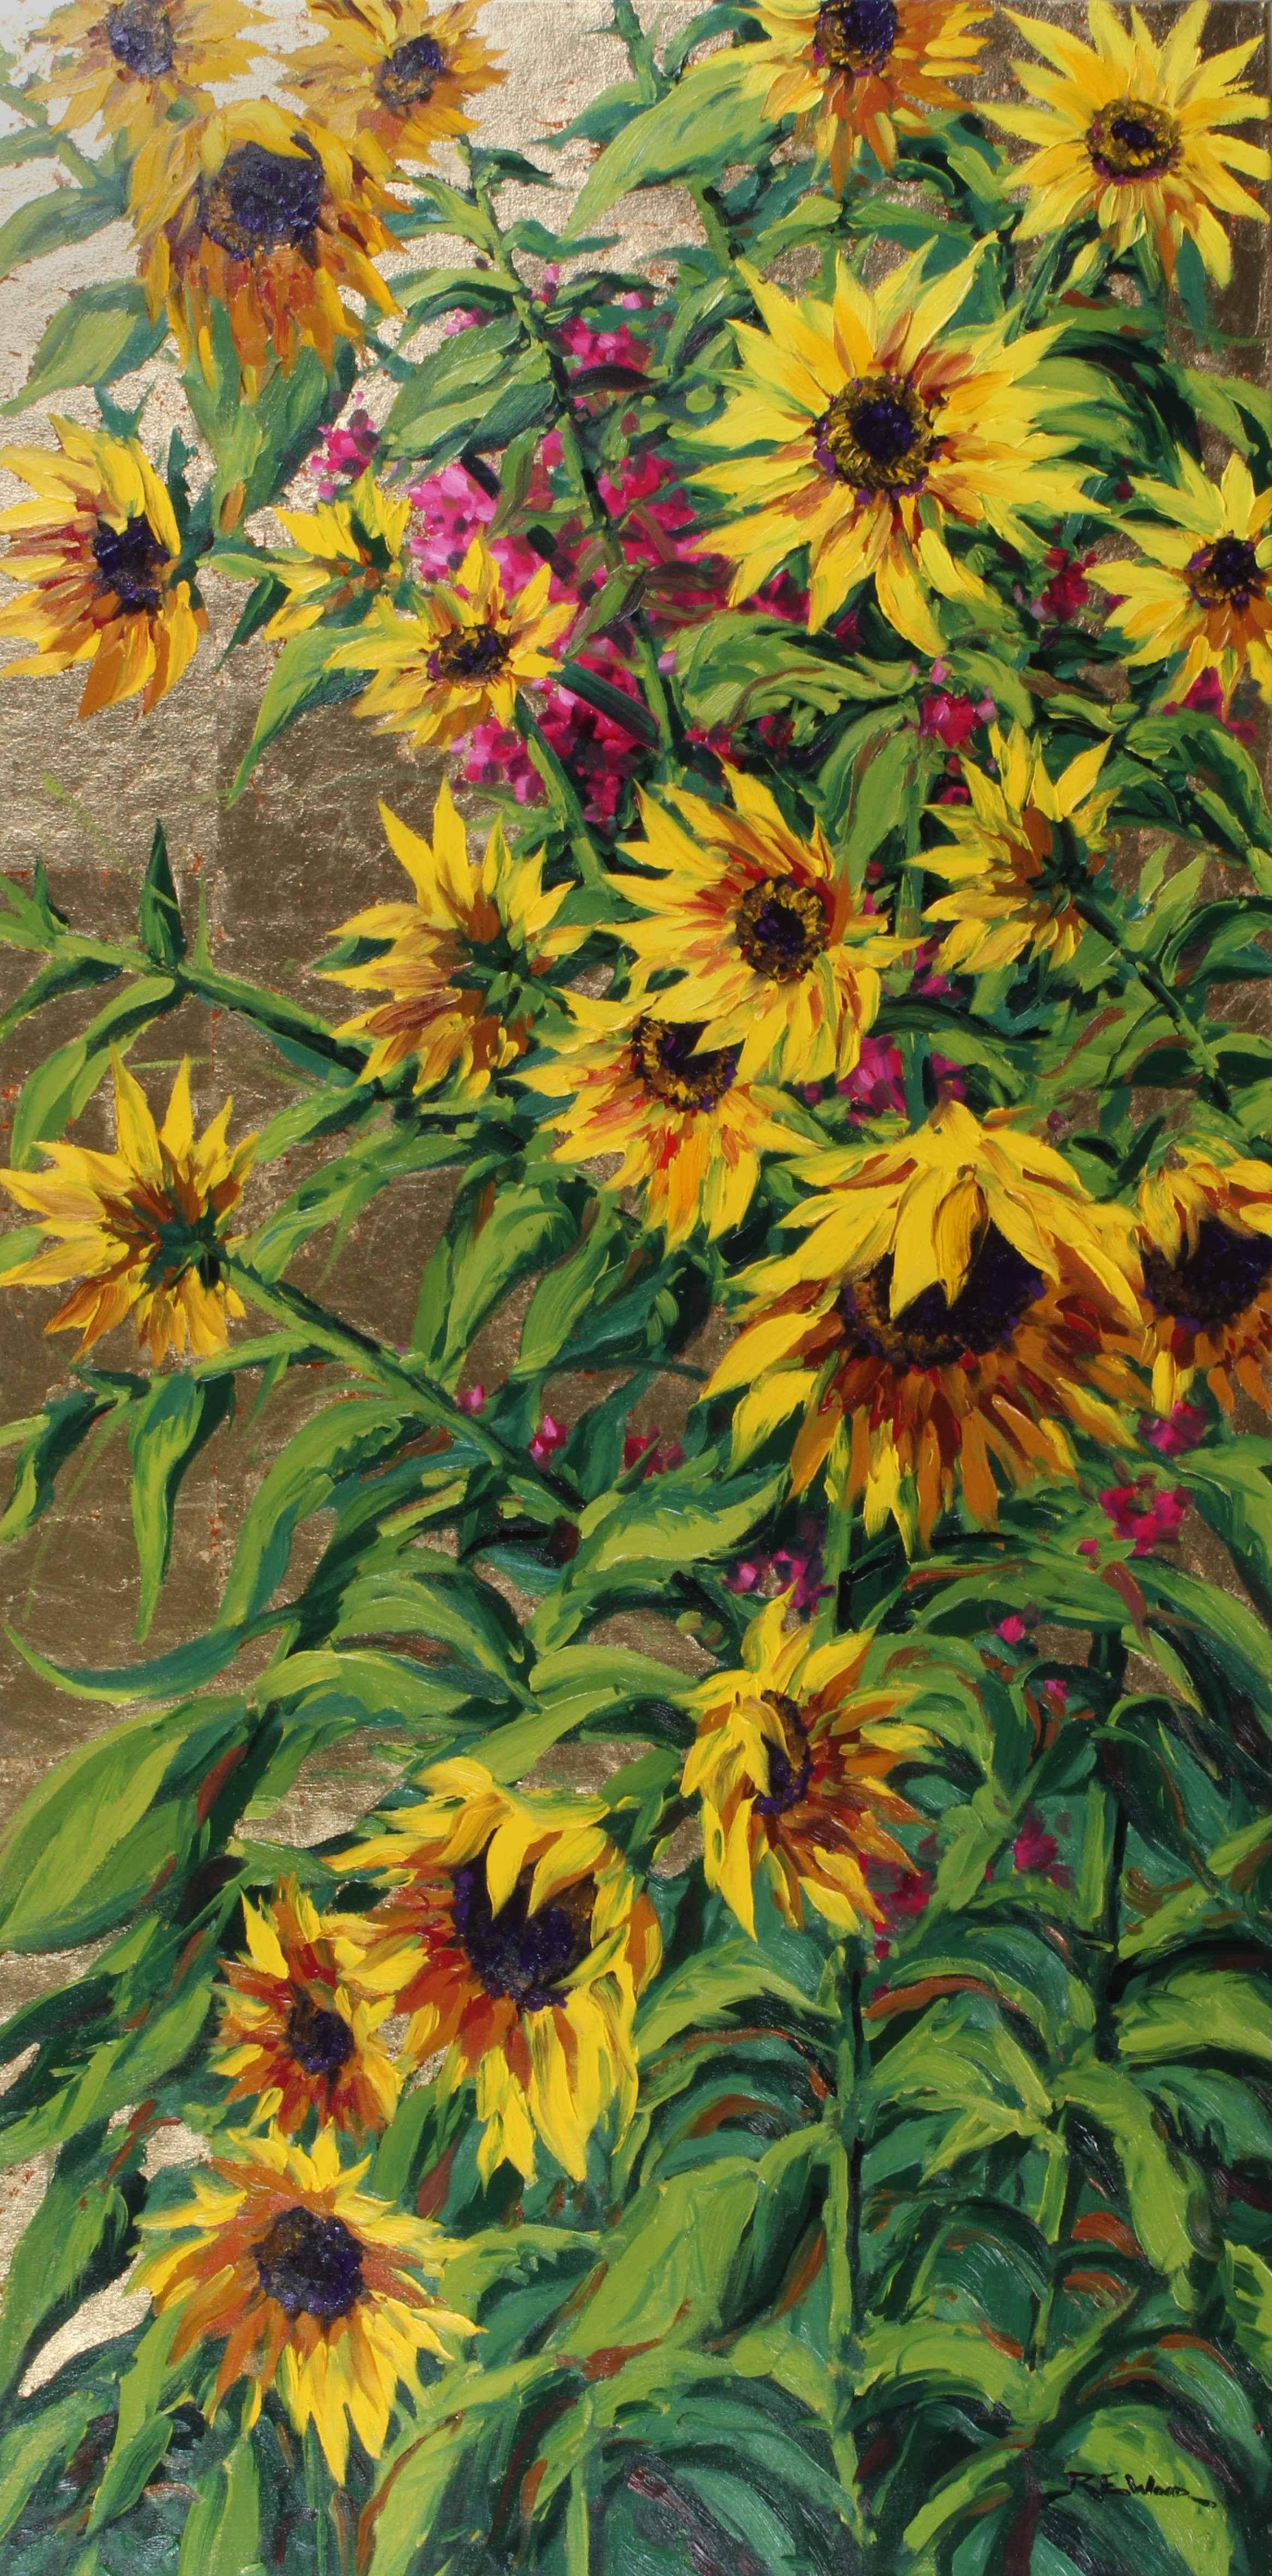 Golden Sunflowers  by  Robert E. Wood